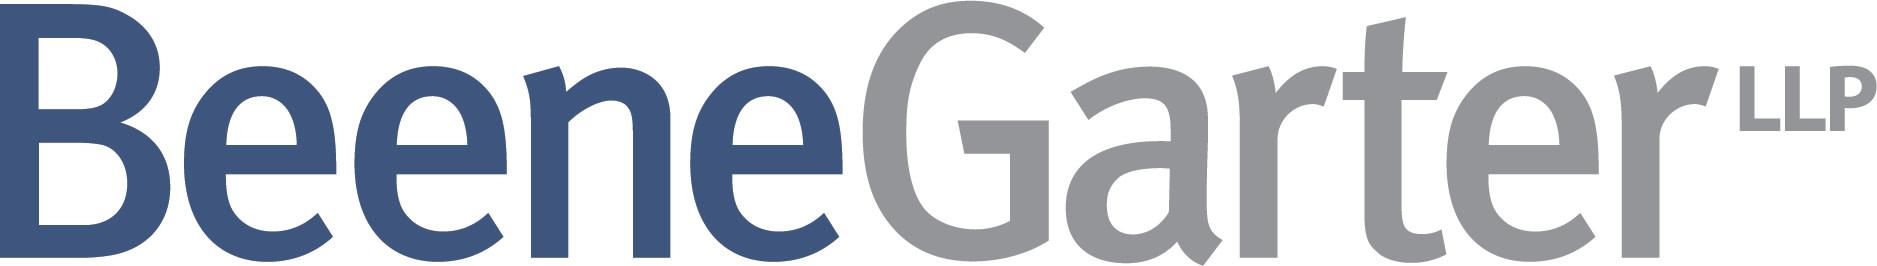 Beene Garter LLP logo